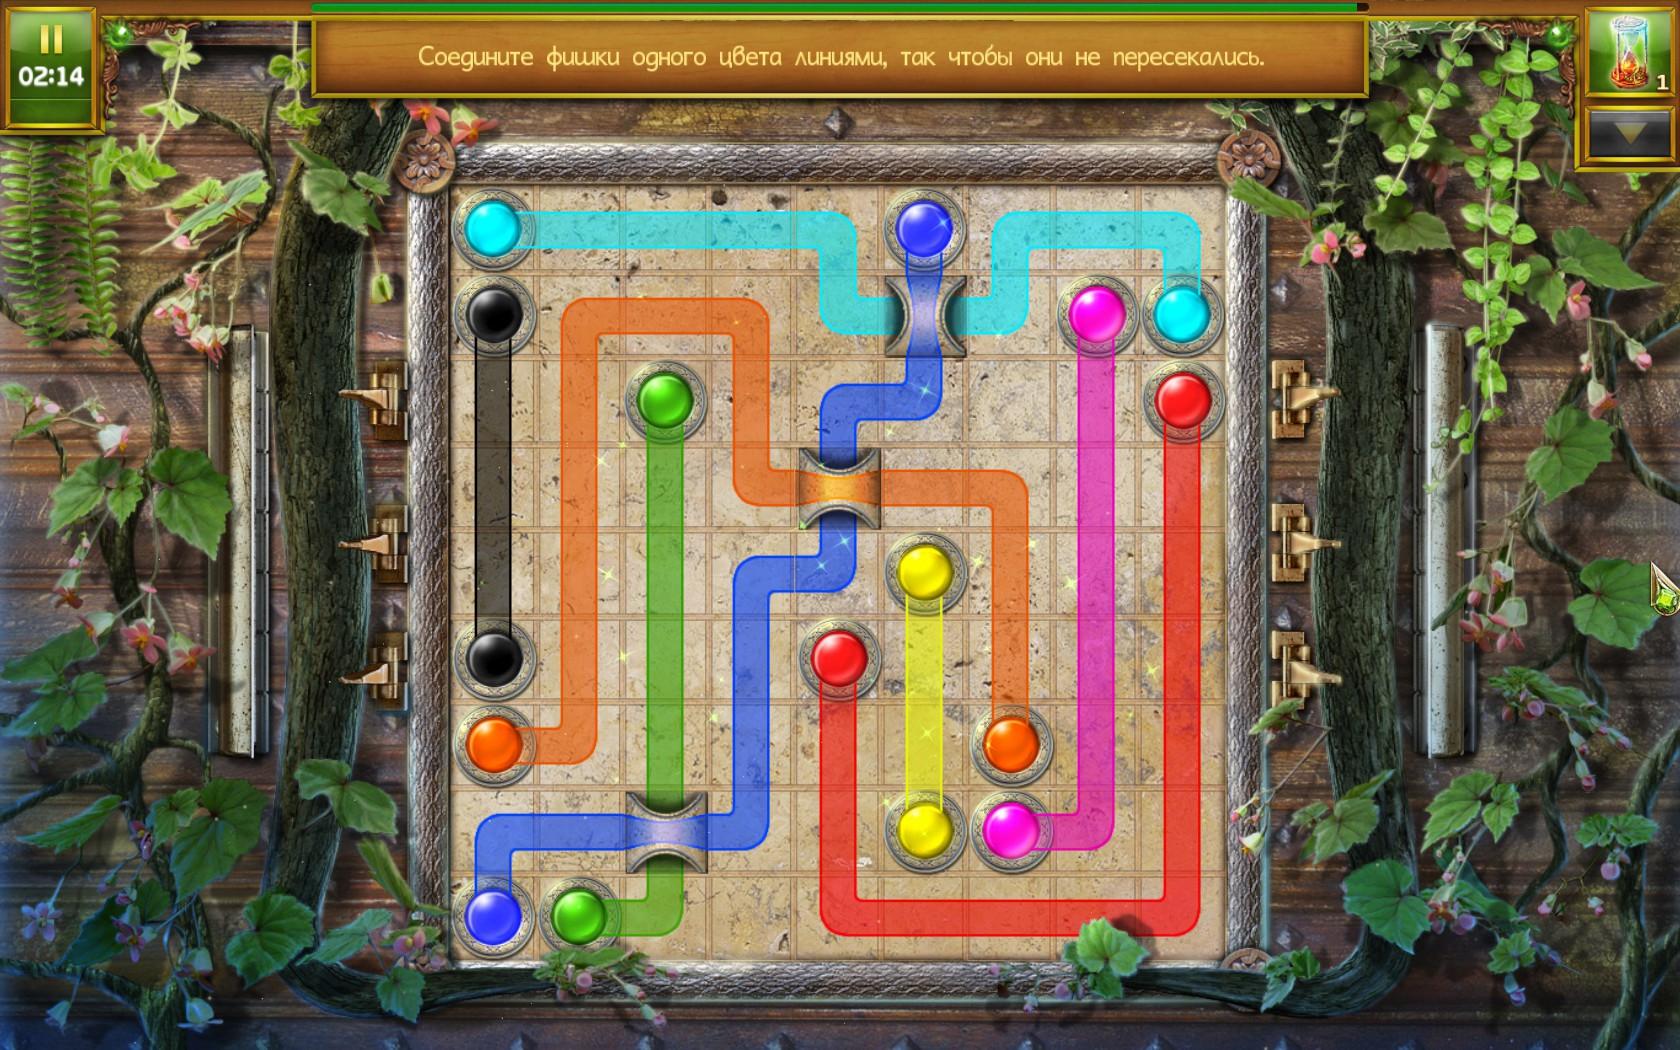 Secrets of the magic puzzlesСекреты волшебных головоломок